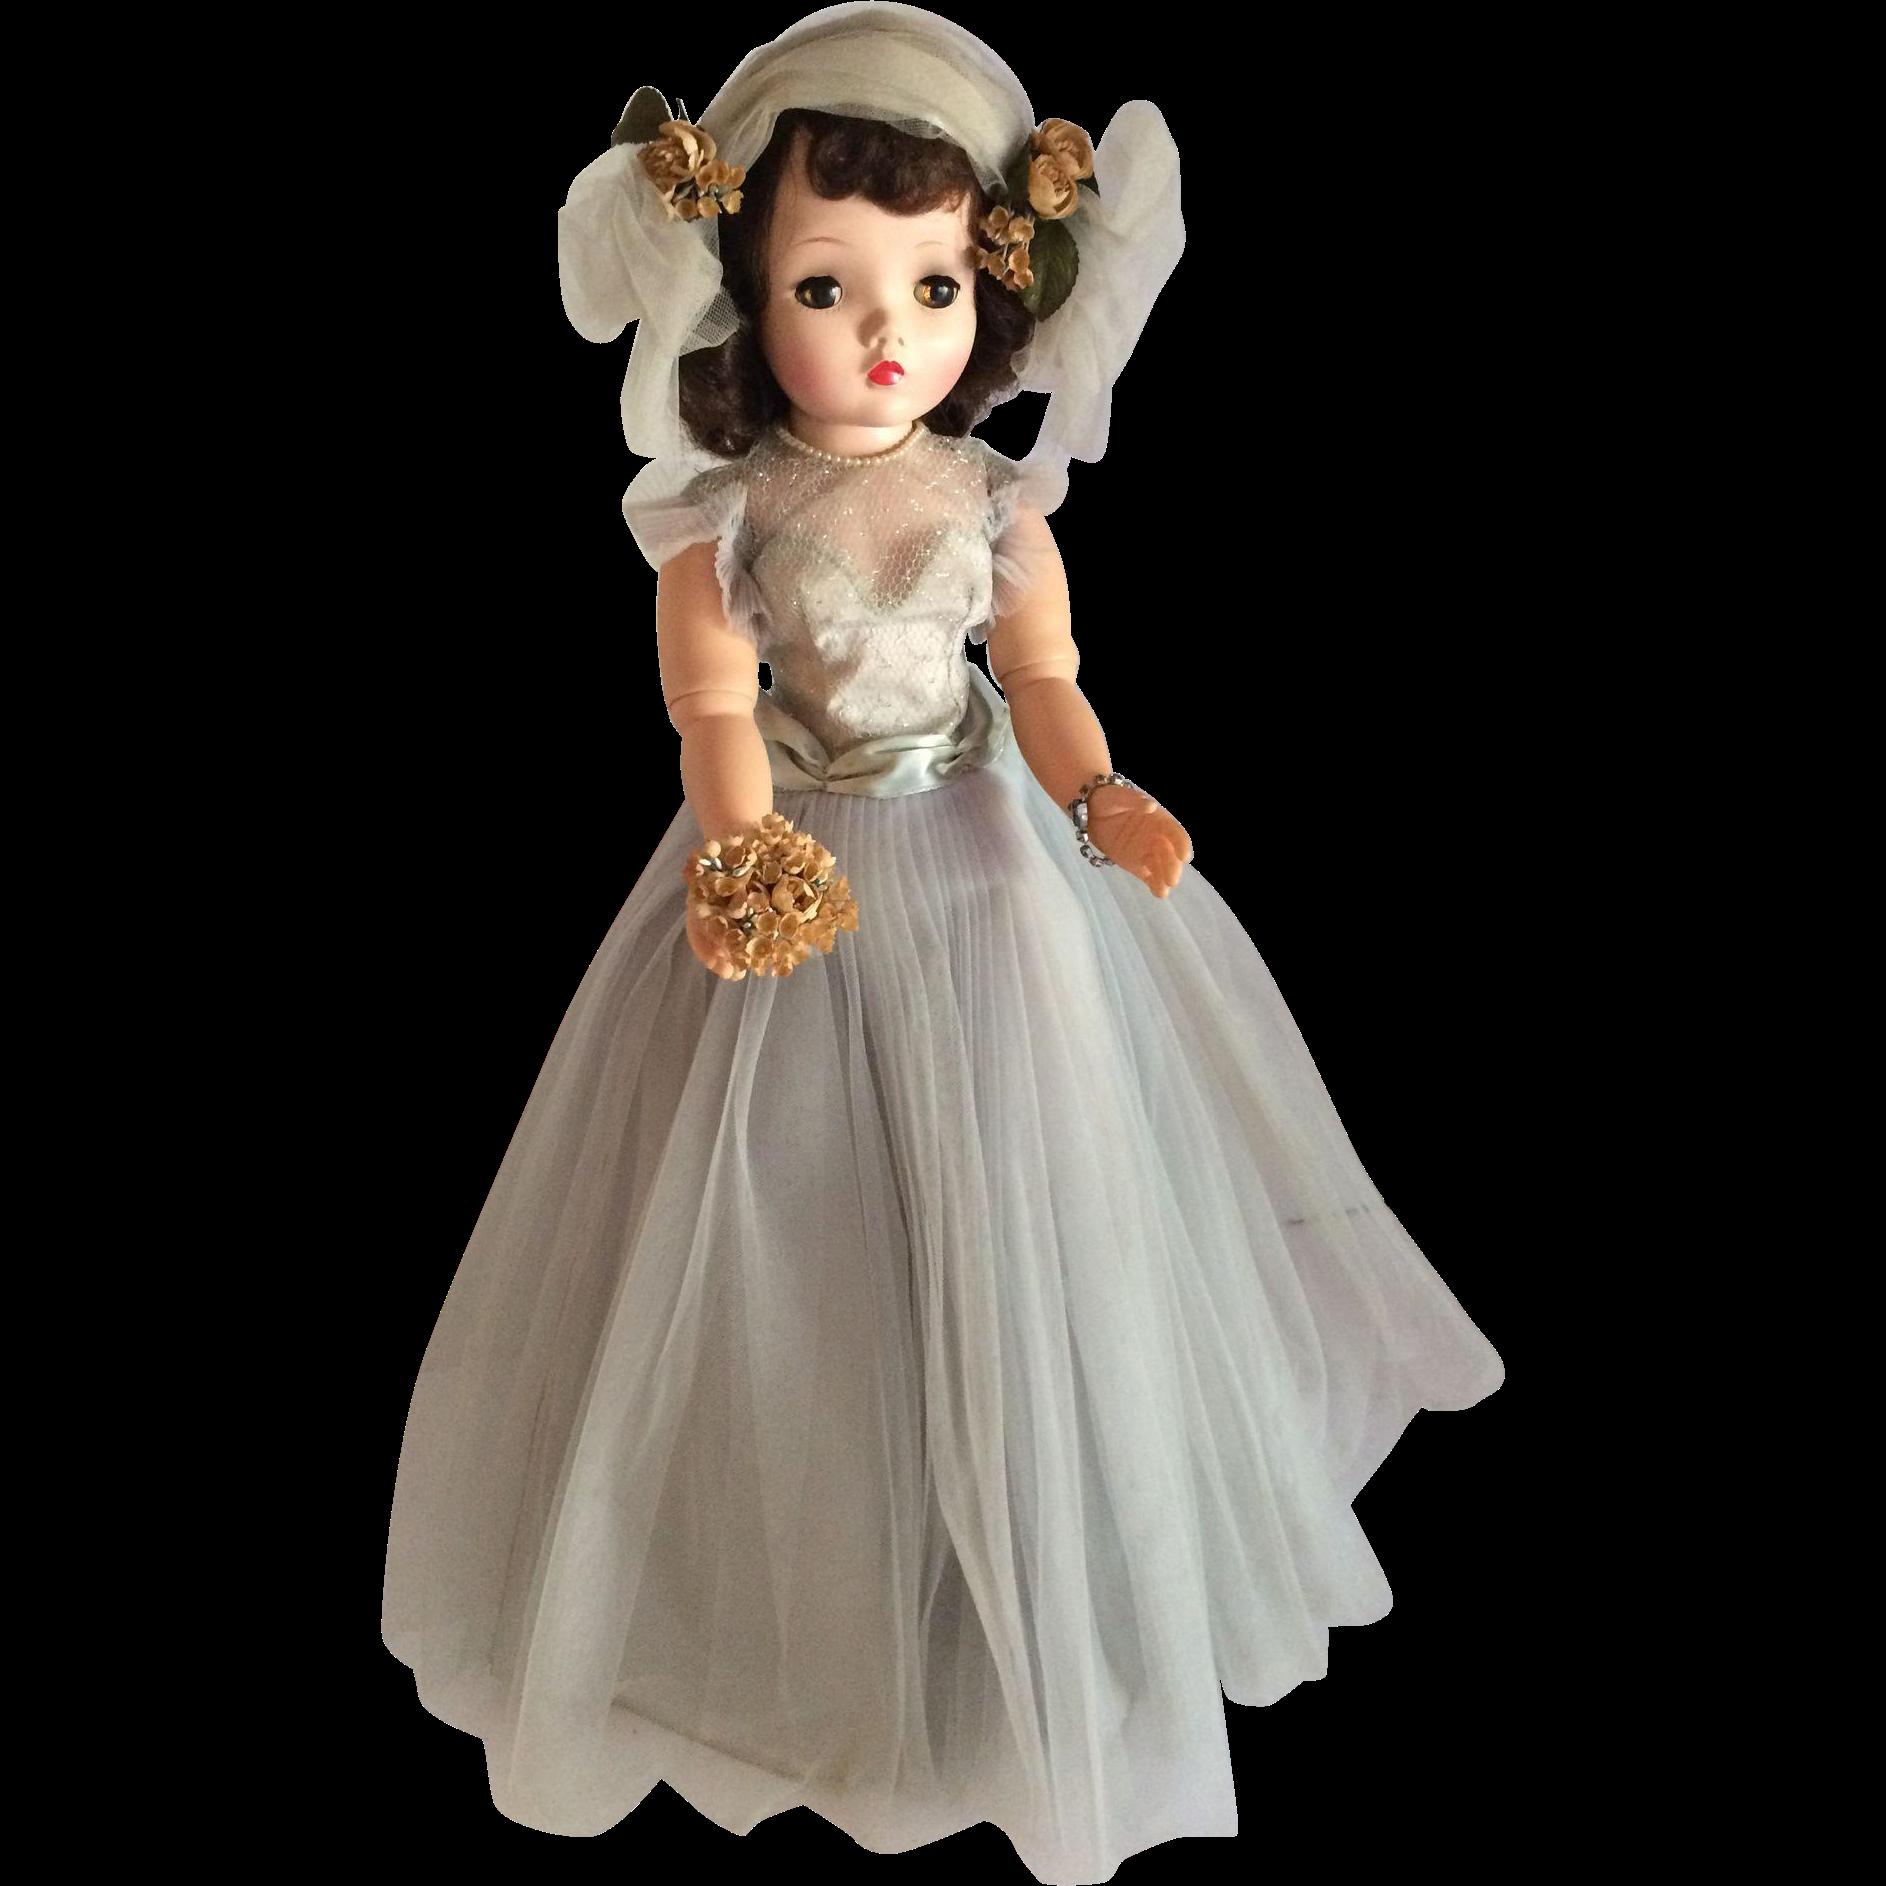 """Vintage Madame Alexander 20 inch """" Cissy""""  The Bridesmaid All Original"""